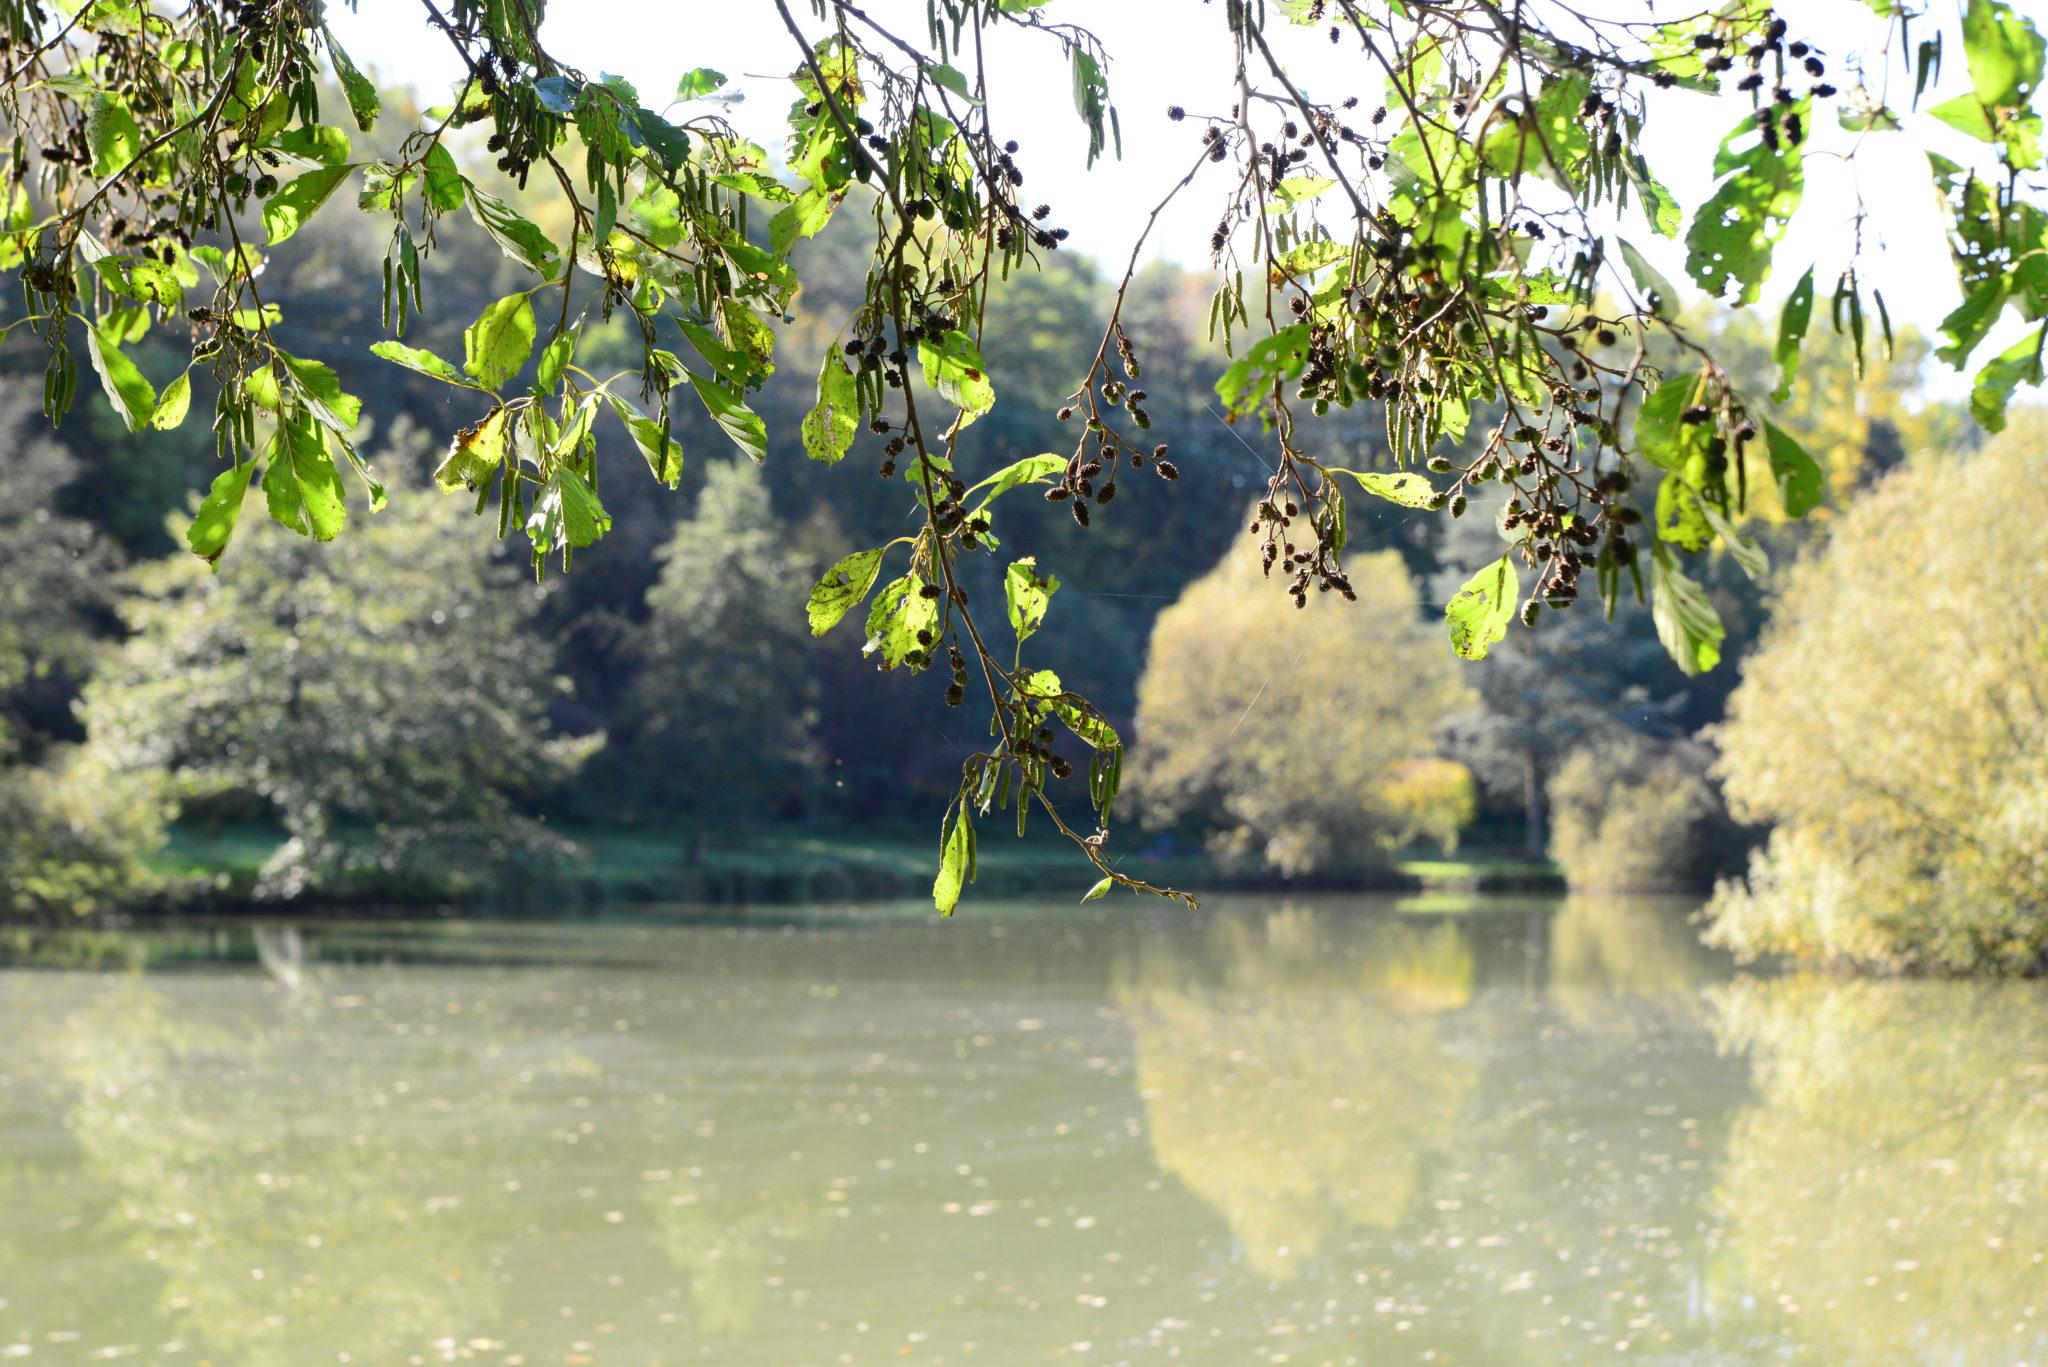 zu sehen ist im Vordergrund einer der Weiher im Bommersbachtal sowie im Hintergrund eine Baumlandschaft